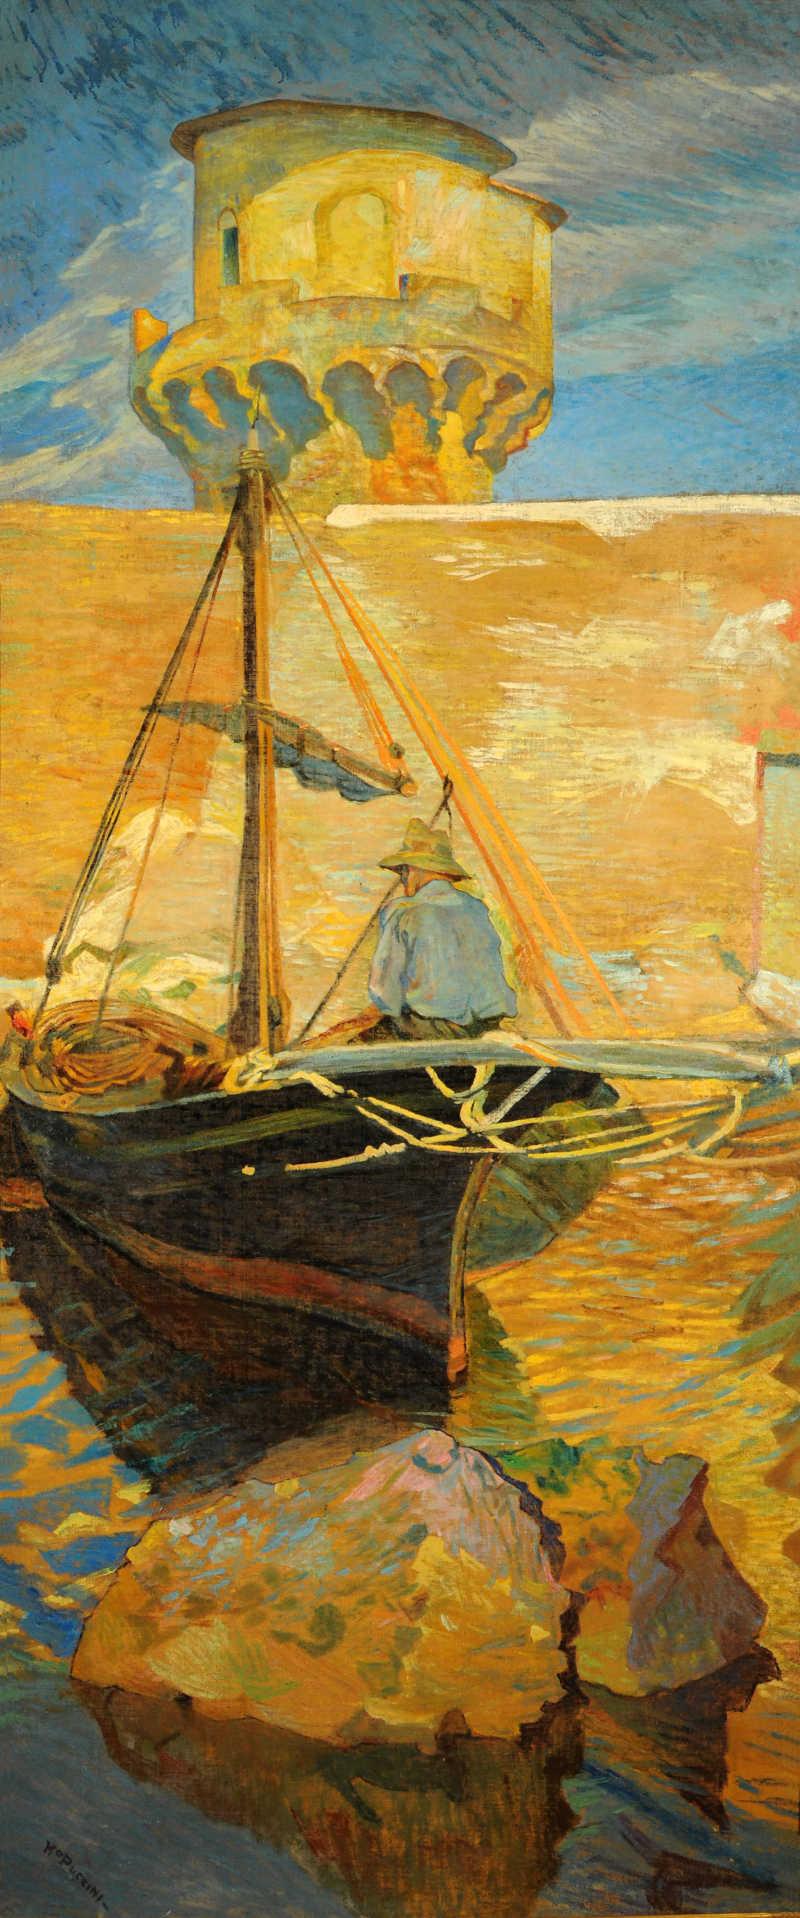 Mario Puccini, Il lazzaretto (1911; olio su tela; Livorno, collezione privata)